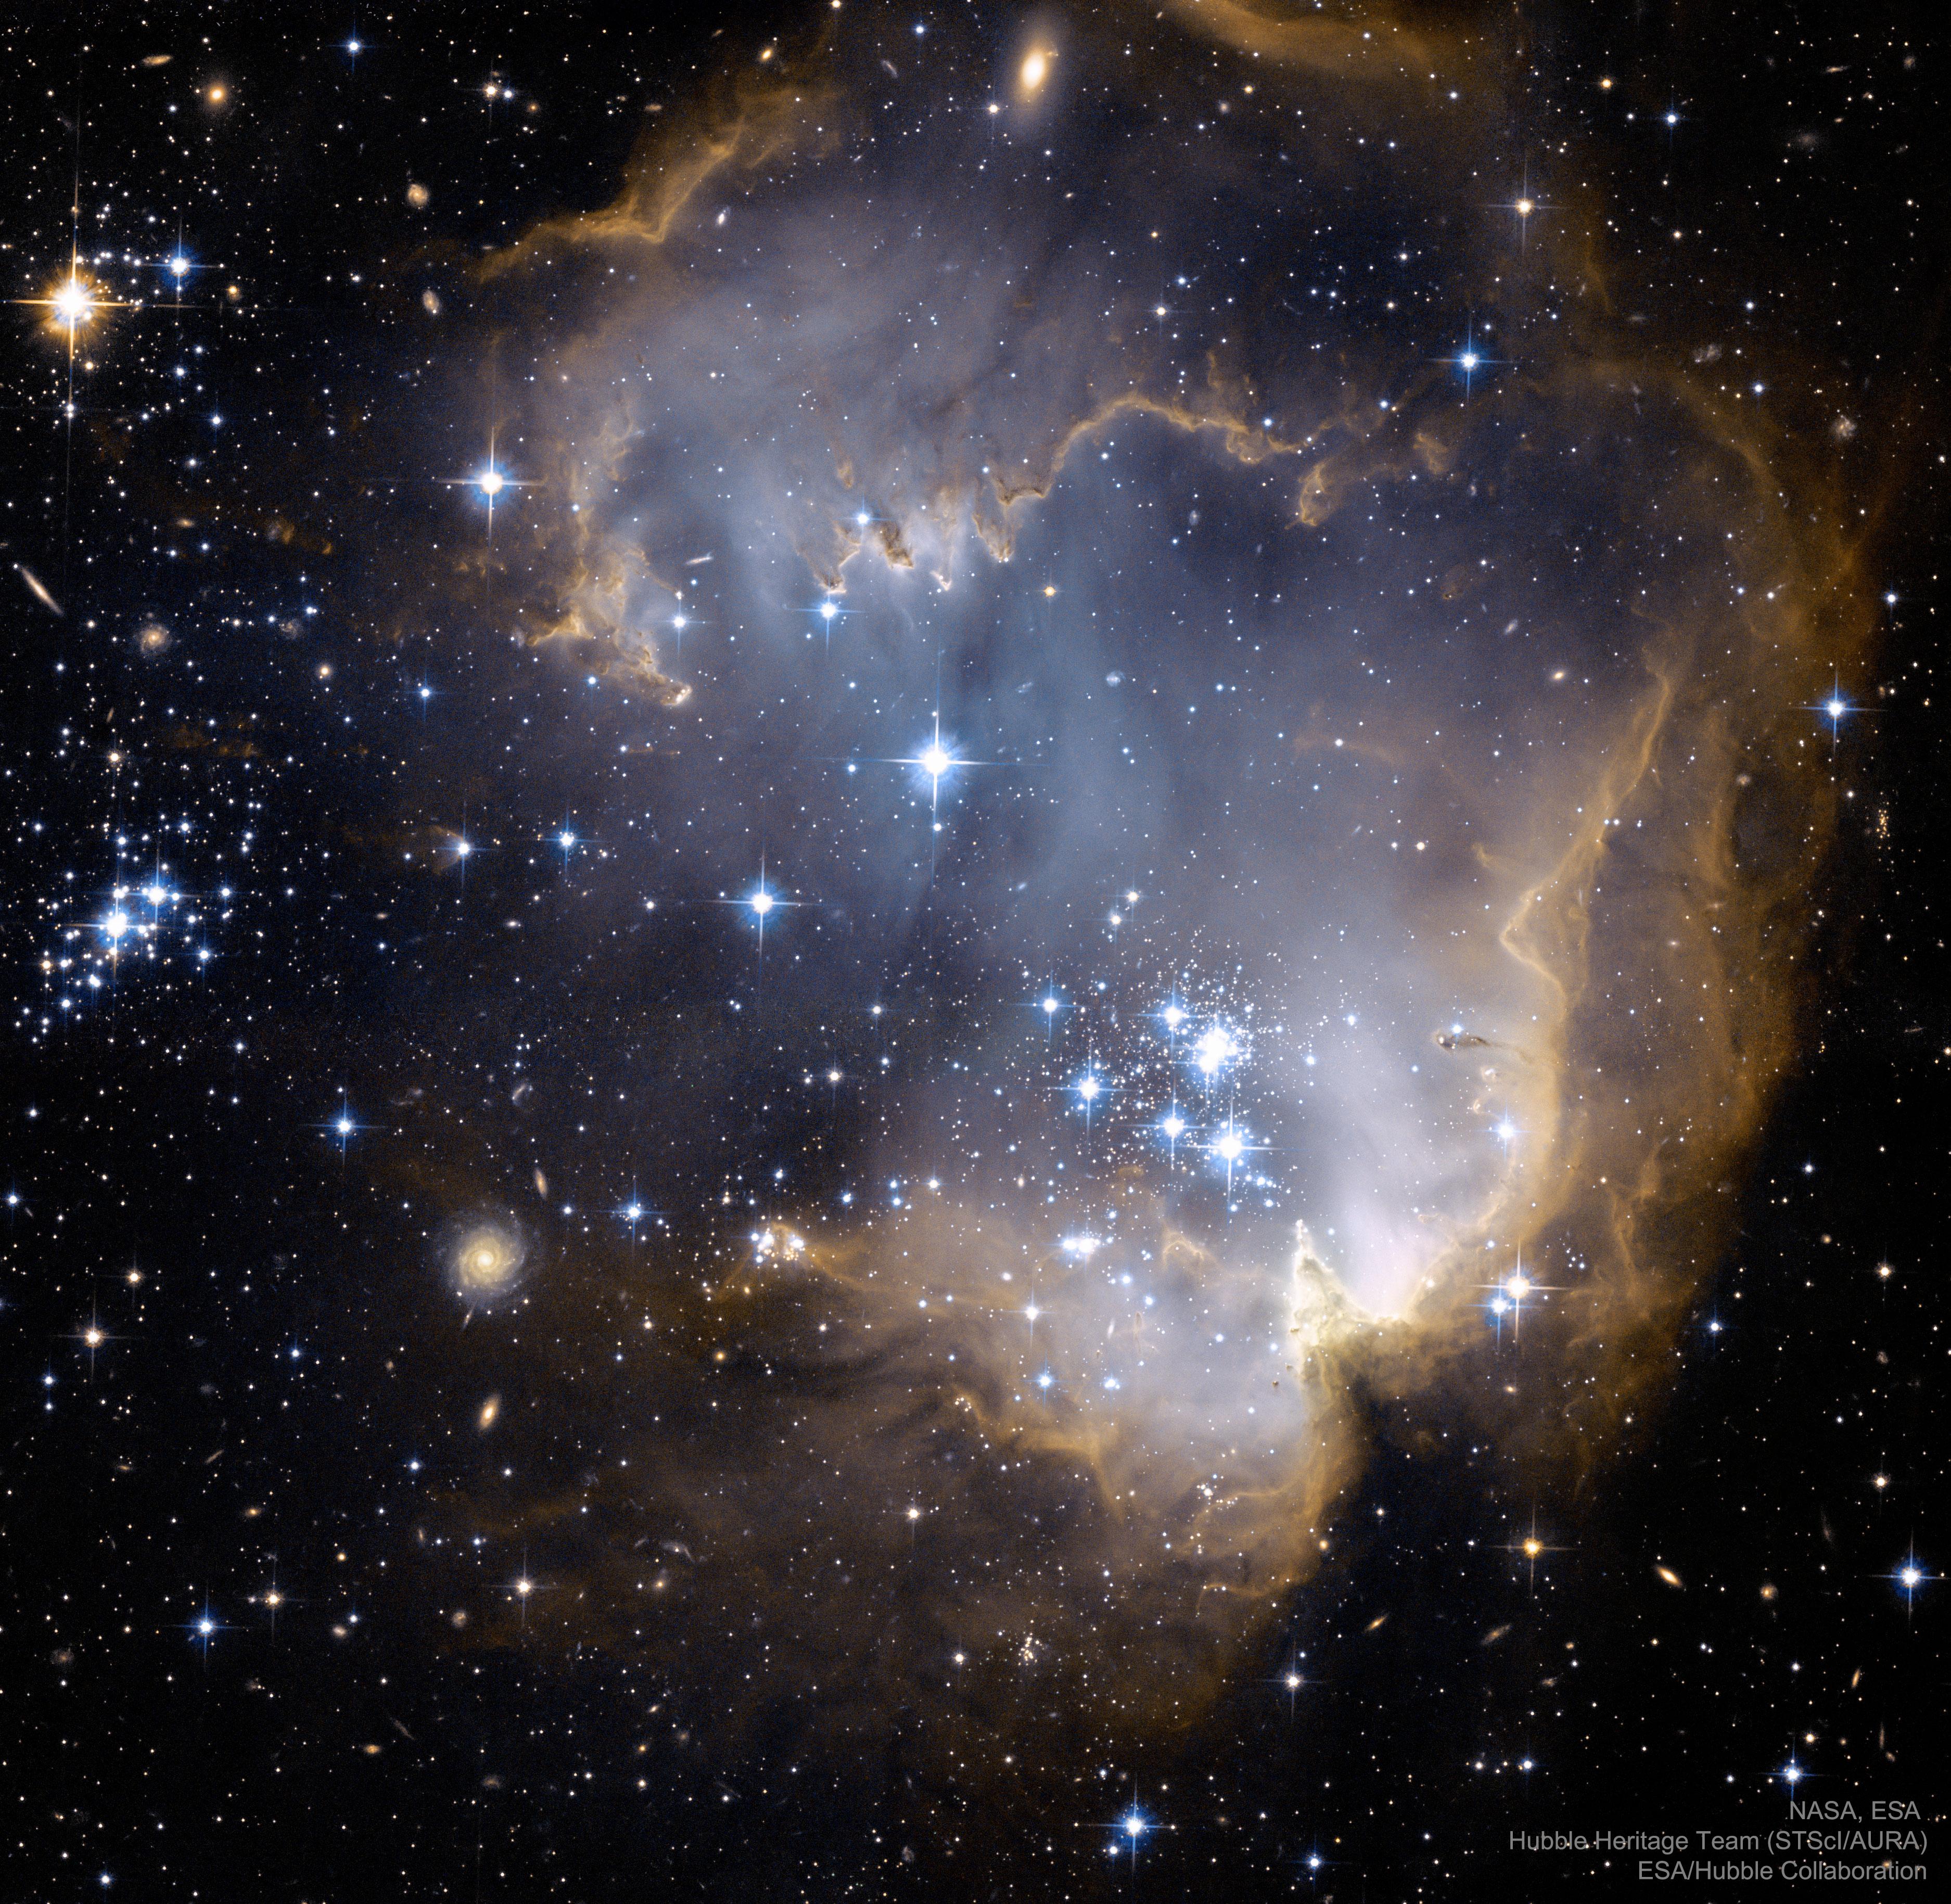 NGC 602 kah 伊 ê 遠方 ft. 阿錕 (20210516)